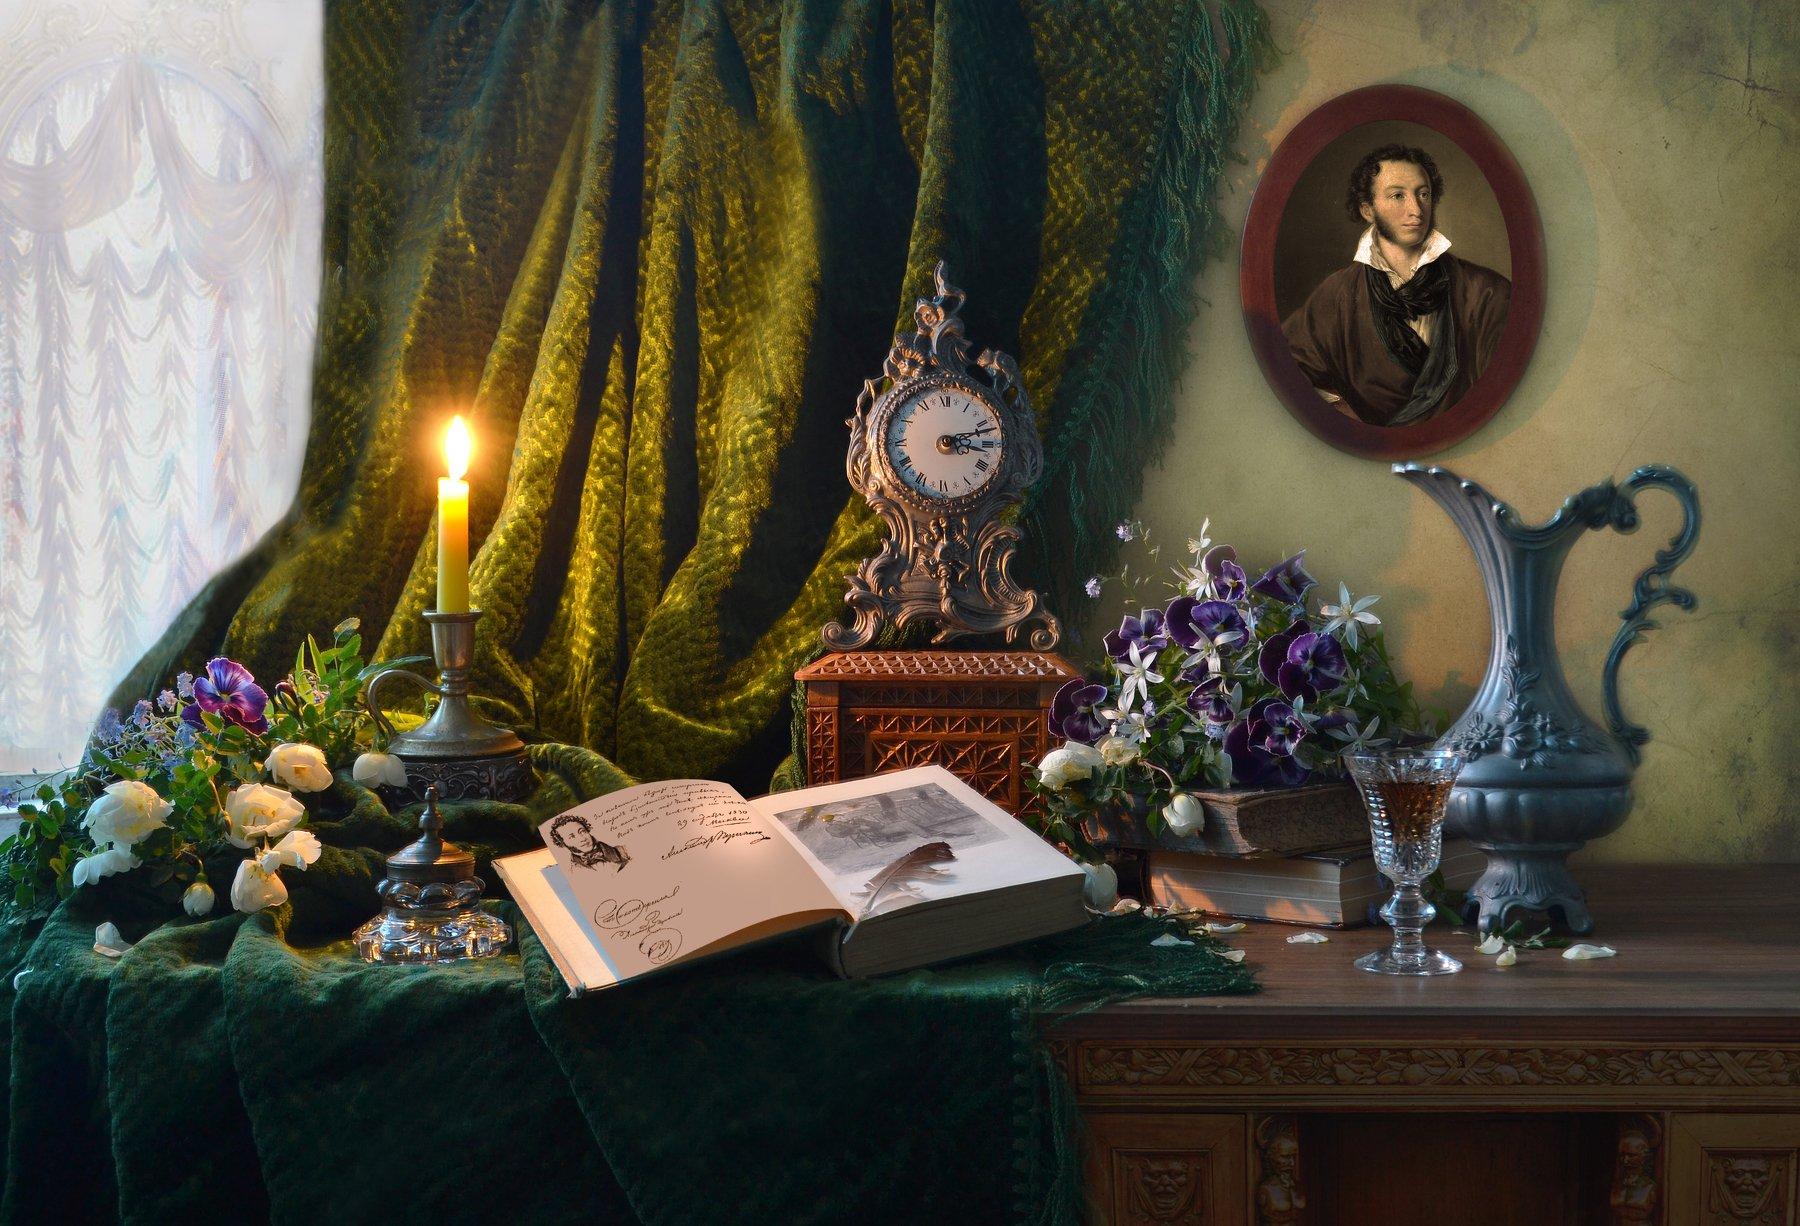 себе пушкин с утра сидит за столом пишет стихи гусиным пером убивает сергея